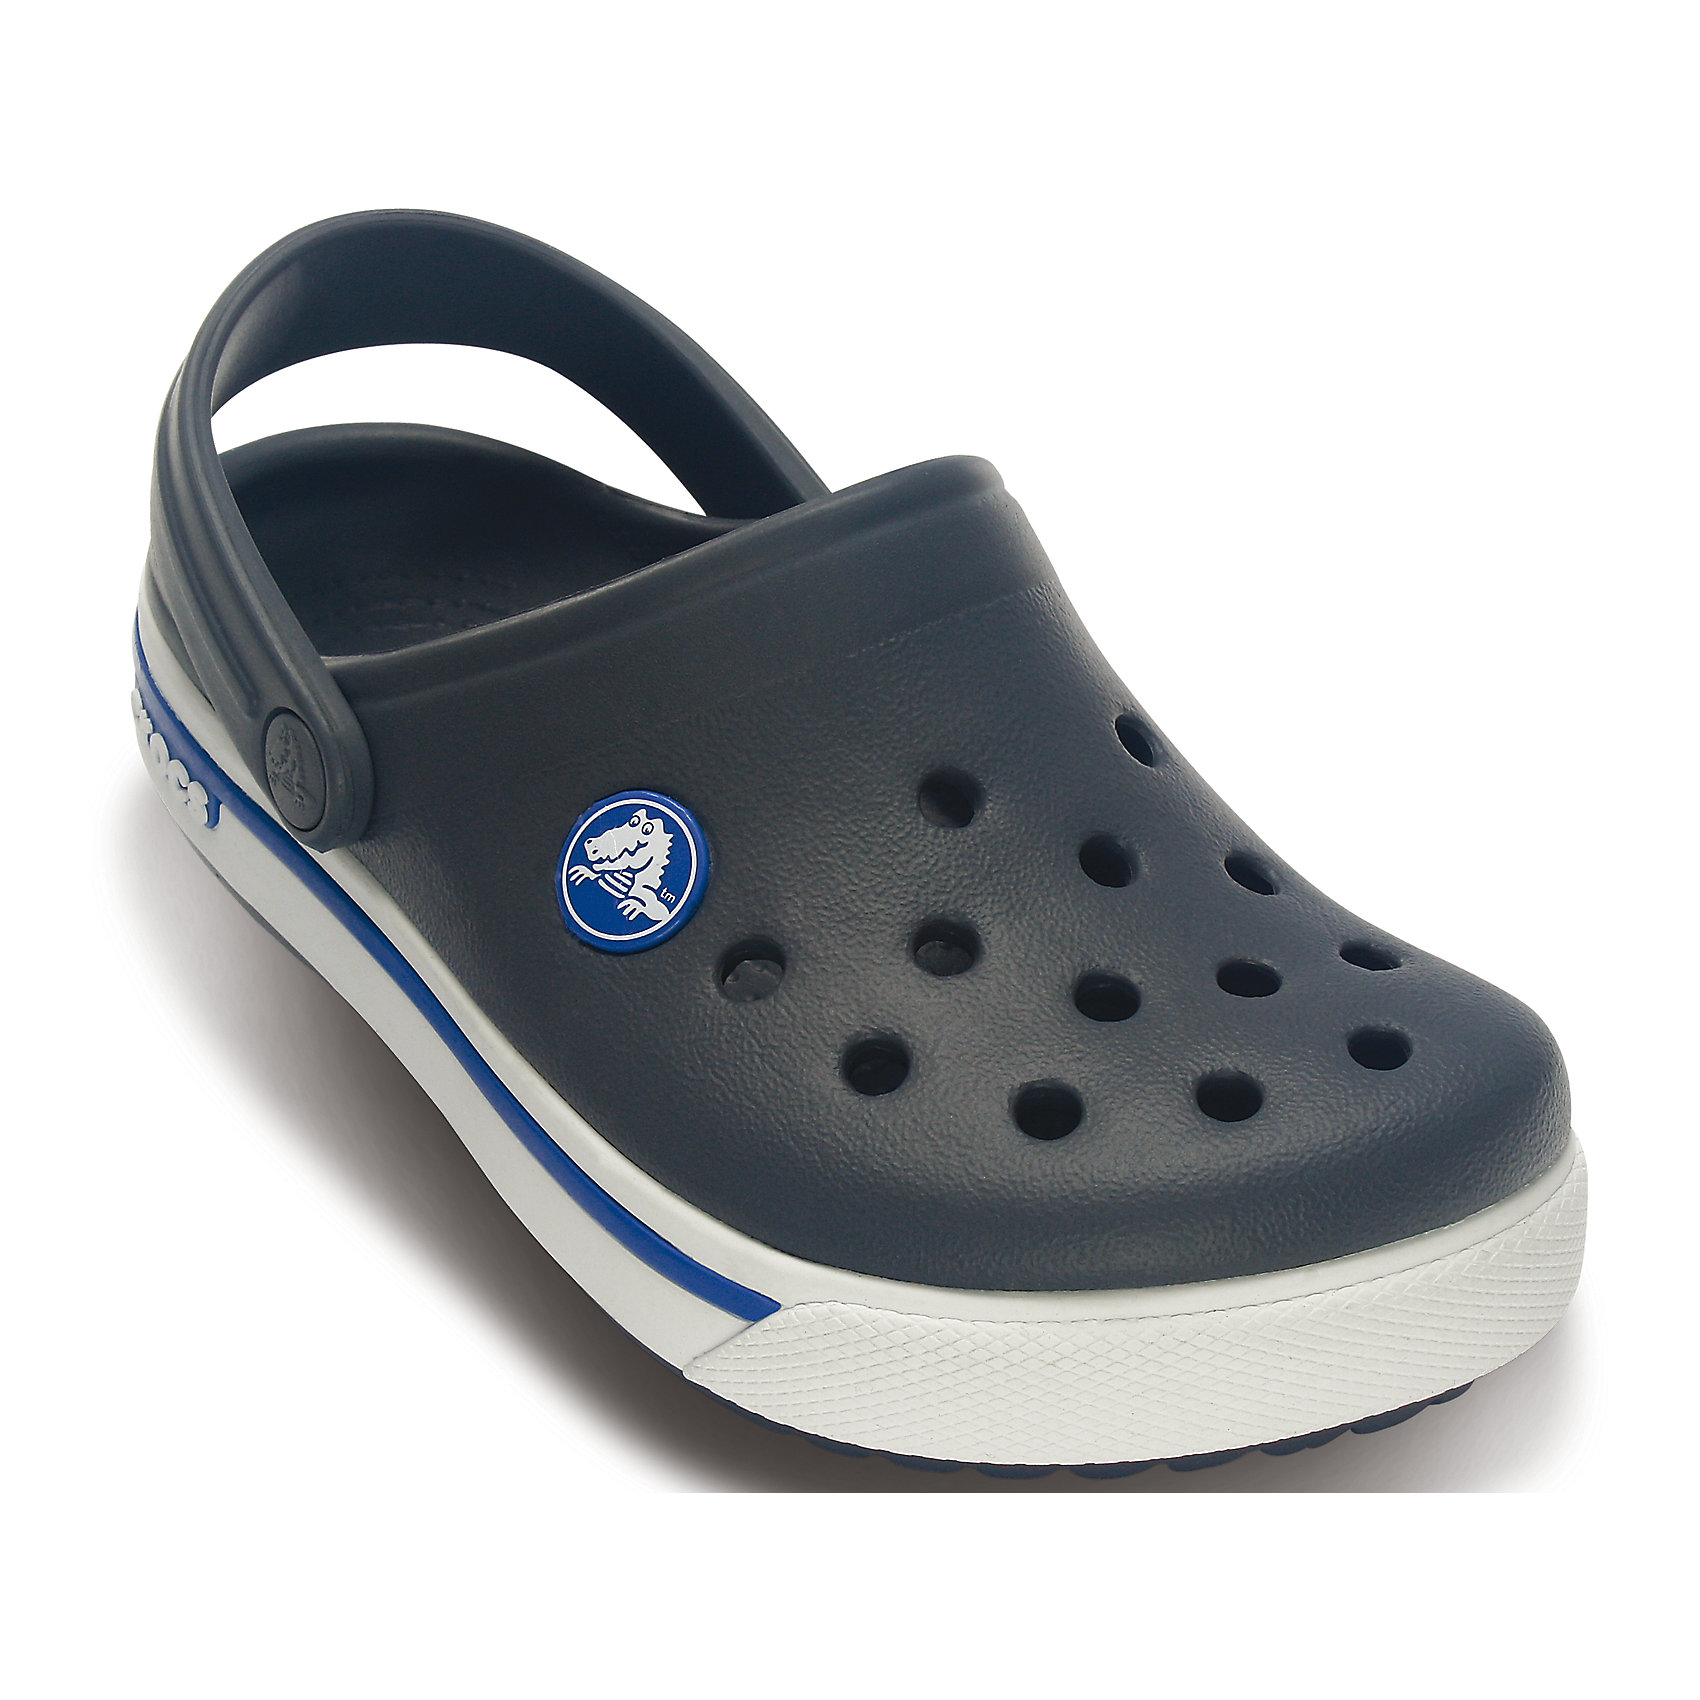 crocs Сабо Crocband II.5 Clog kids для мальчика Crocs crocs сабо kids' swiftwater clog для мальчика crocs